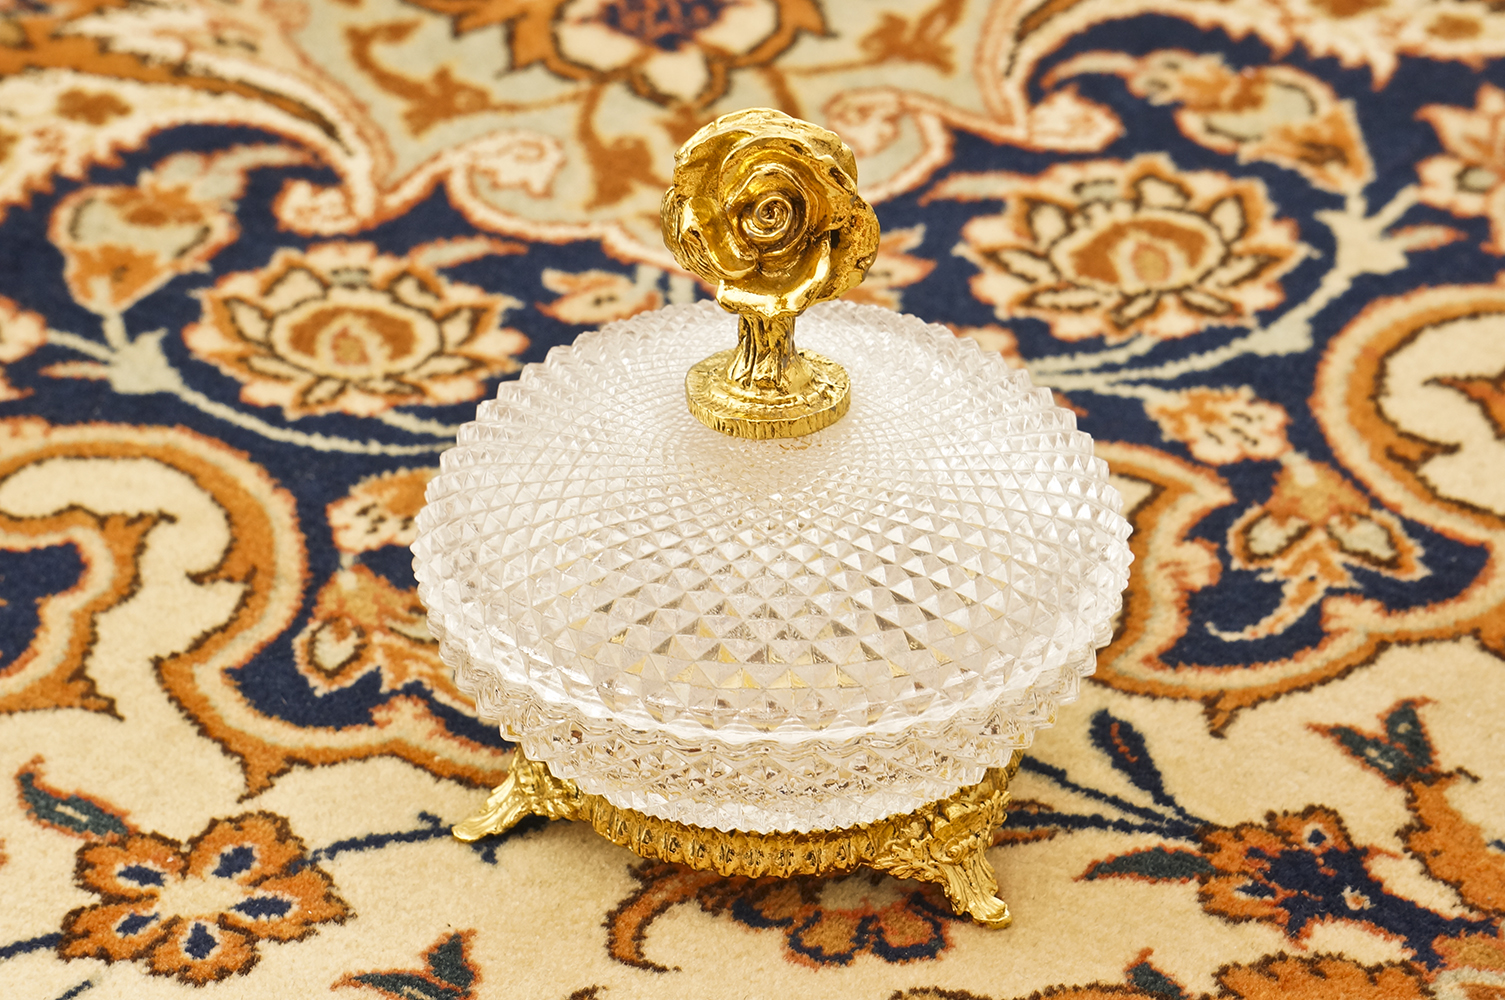 Sold: スタイルビルト製 ゴールド ローズ 小物入れ